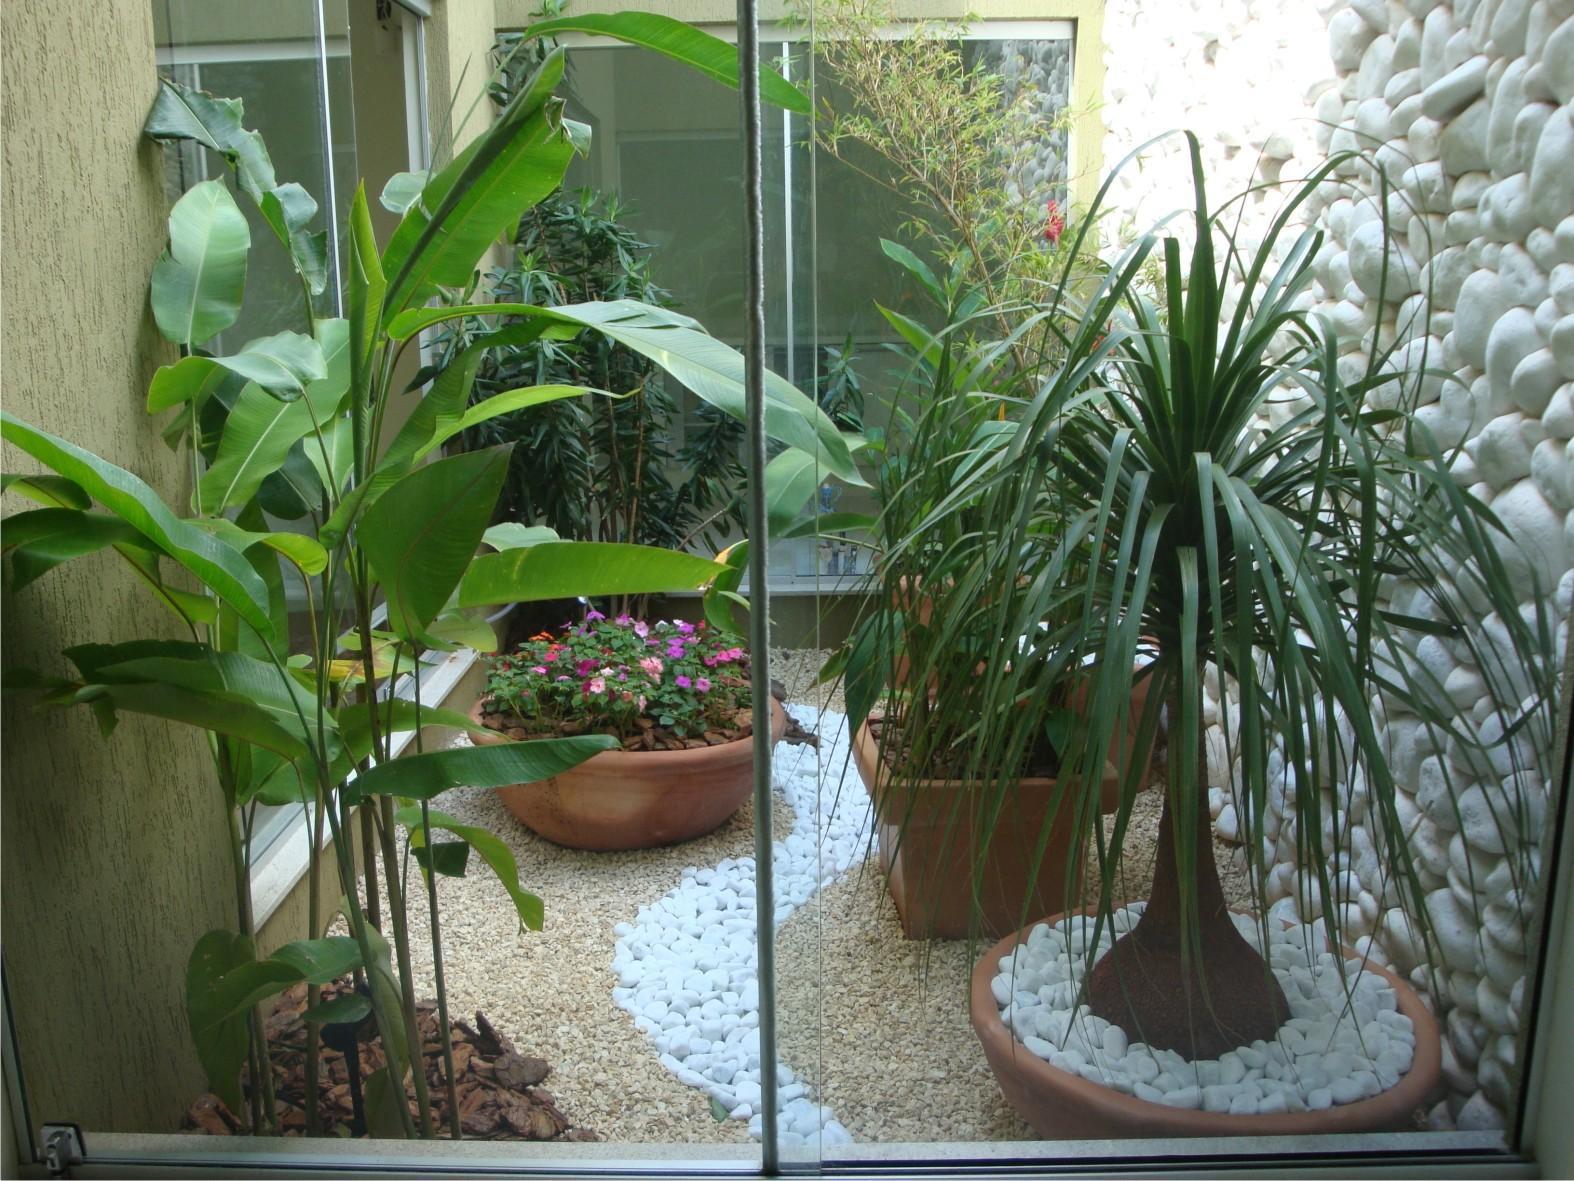 meu doce lar : jardin de Inverno é maravilhoso ter um! #476537 1574 1181